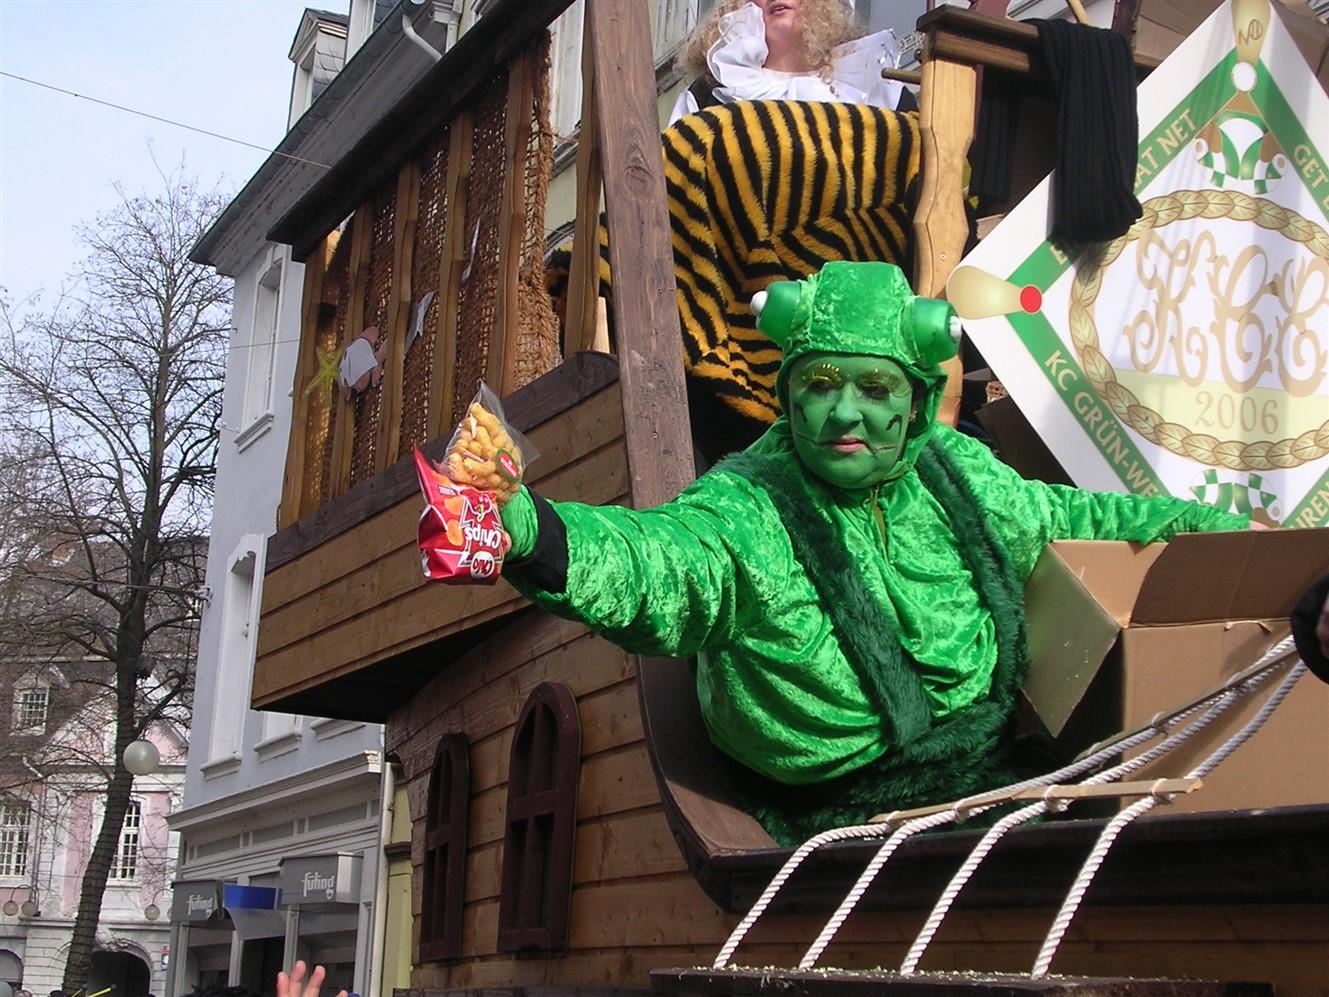 2006 02 27 Trier Germany Rosenmontagszug 78.jpg